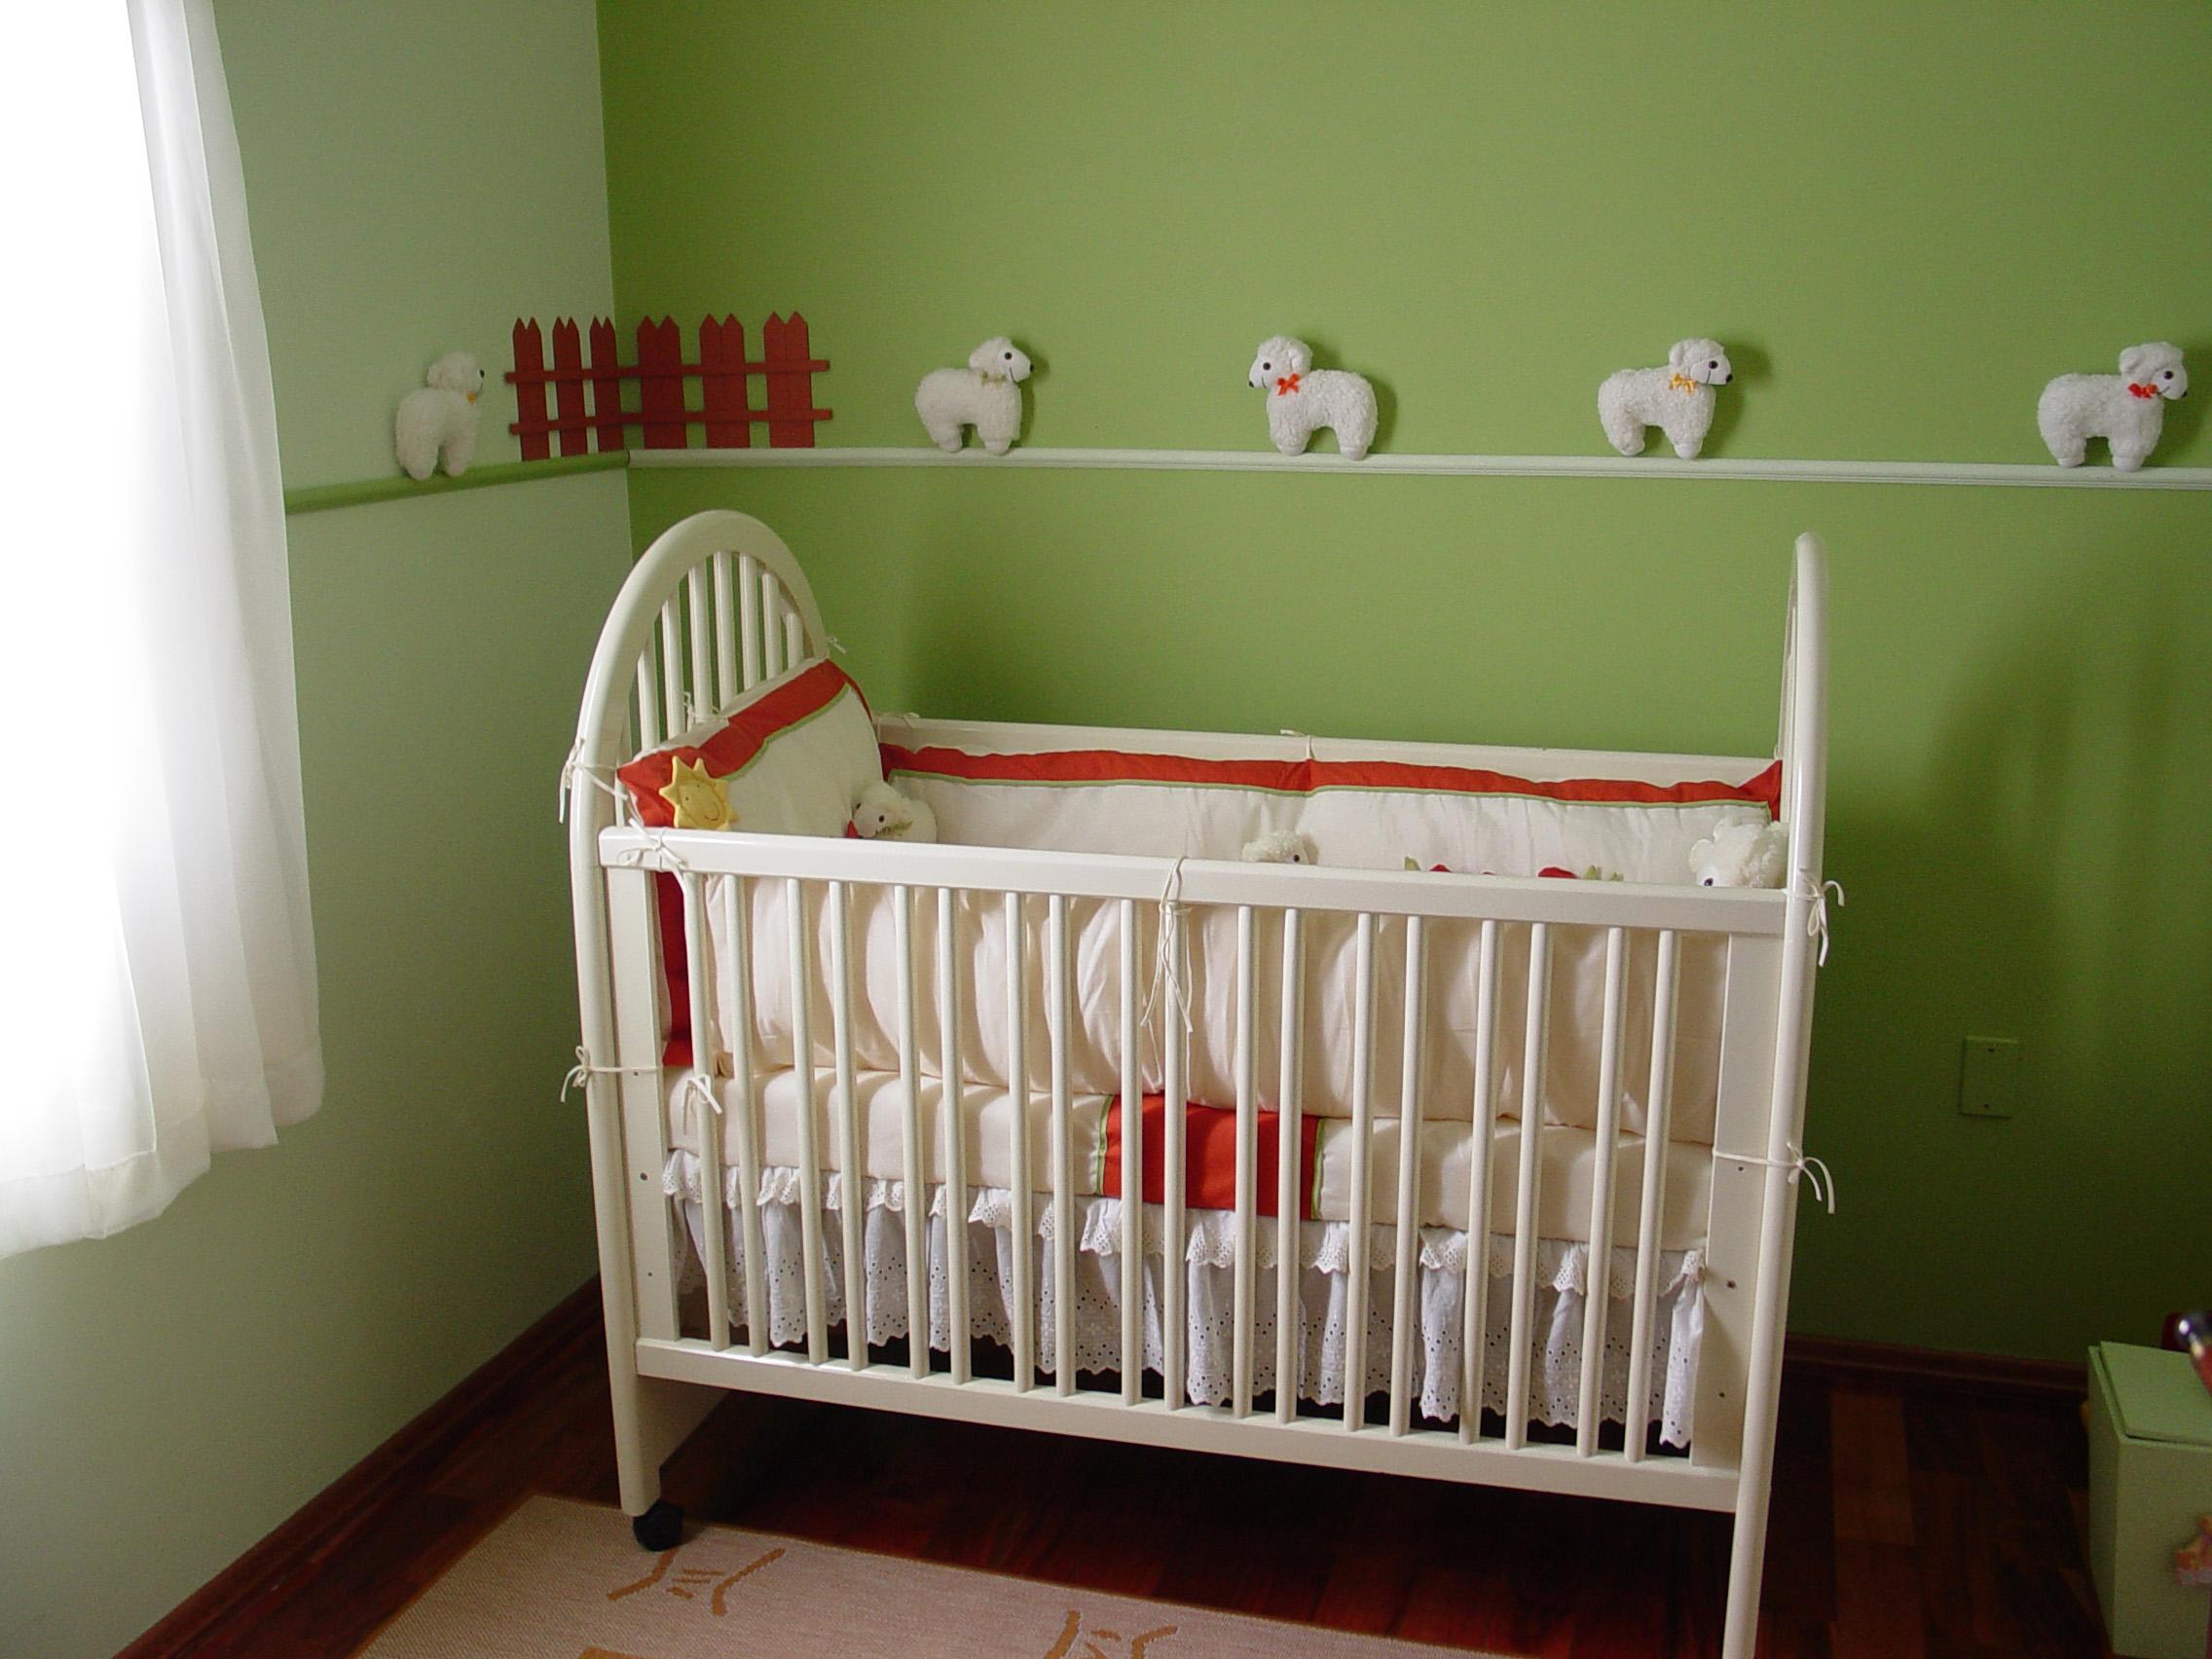 Babyzimmer einrichtung babyzimmer einrichtung for Kinderzimmer einrichtung shop